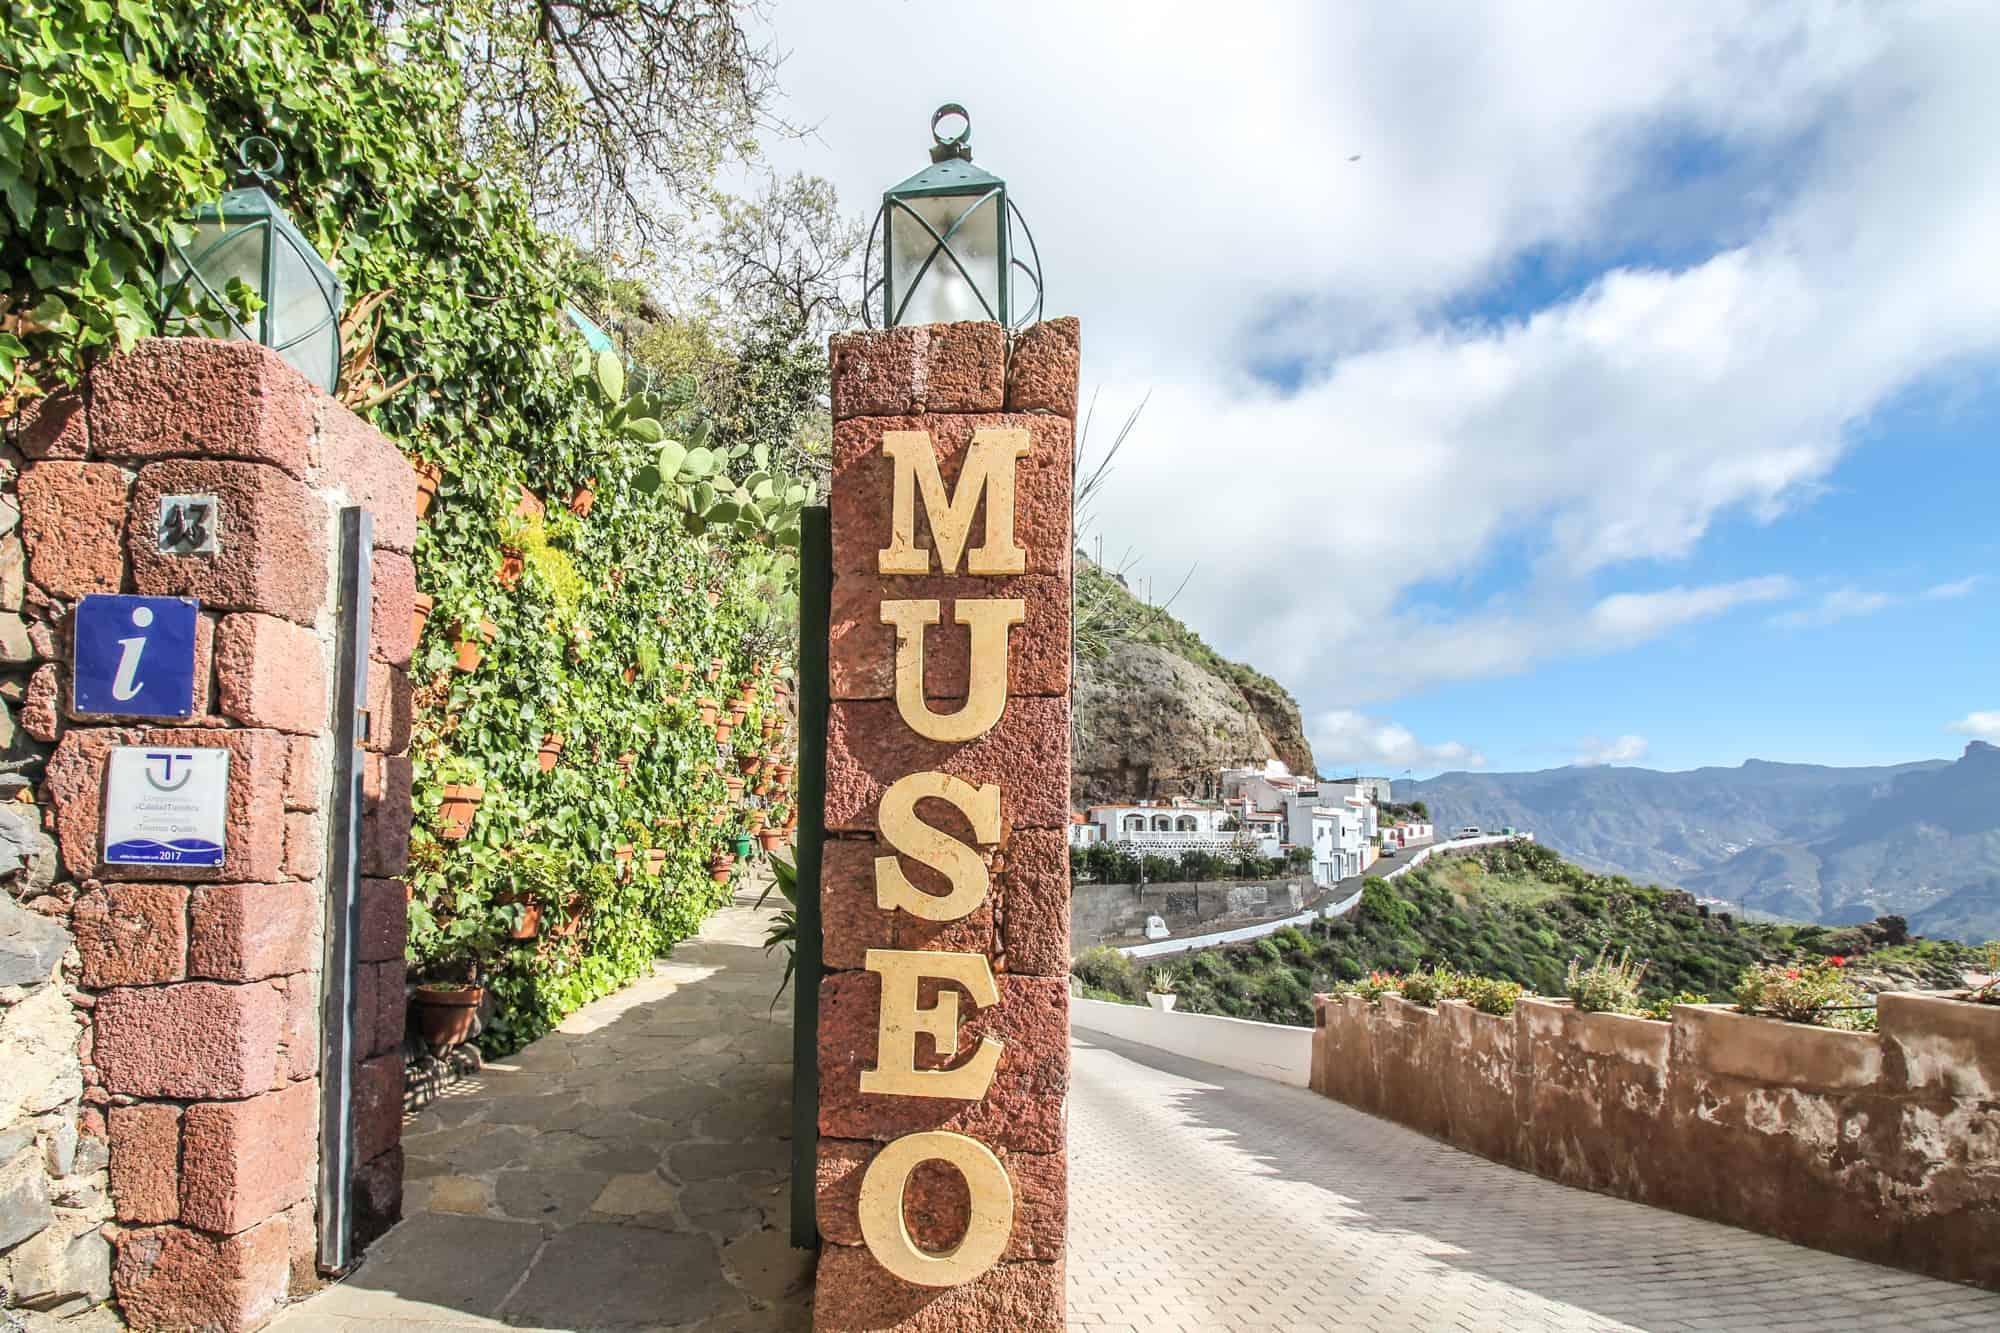 Museum Artenara